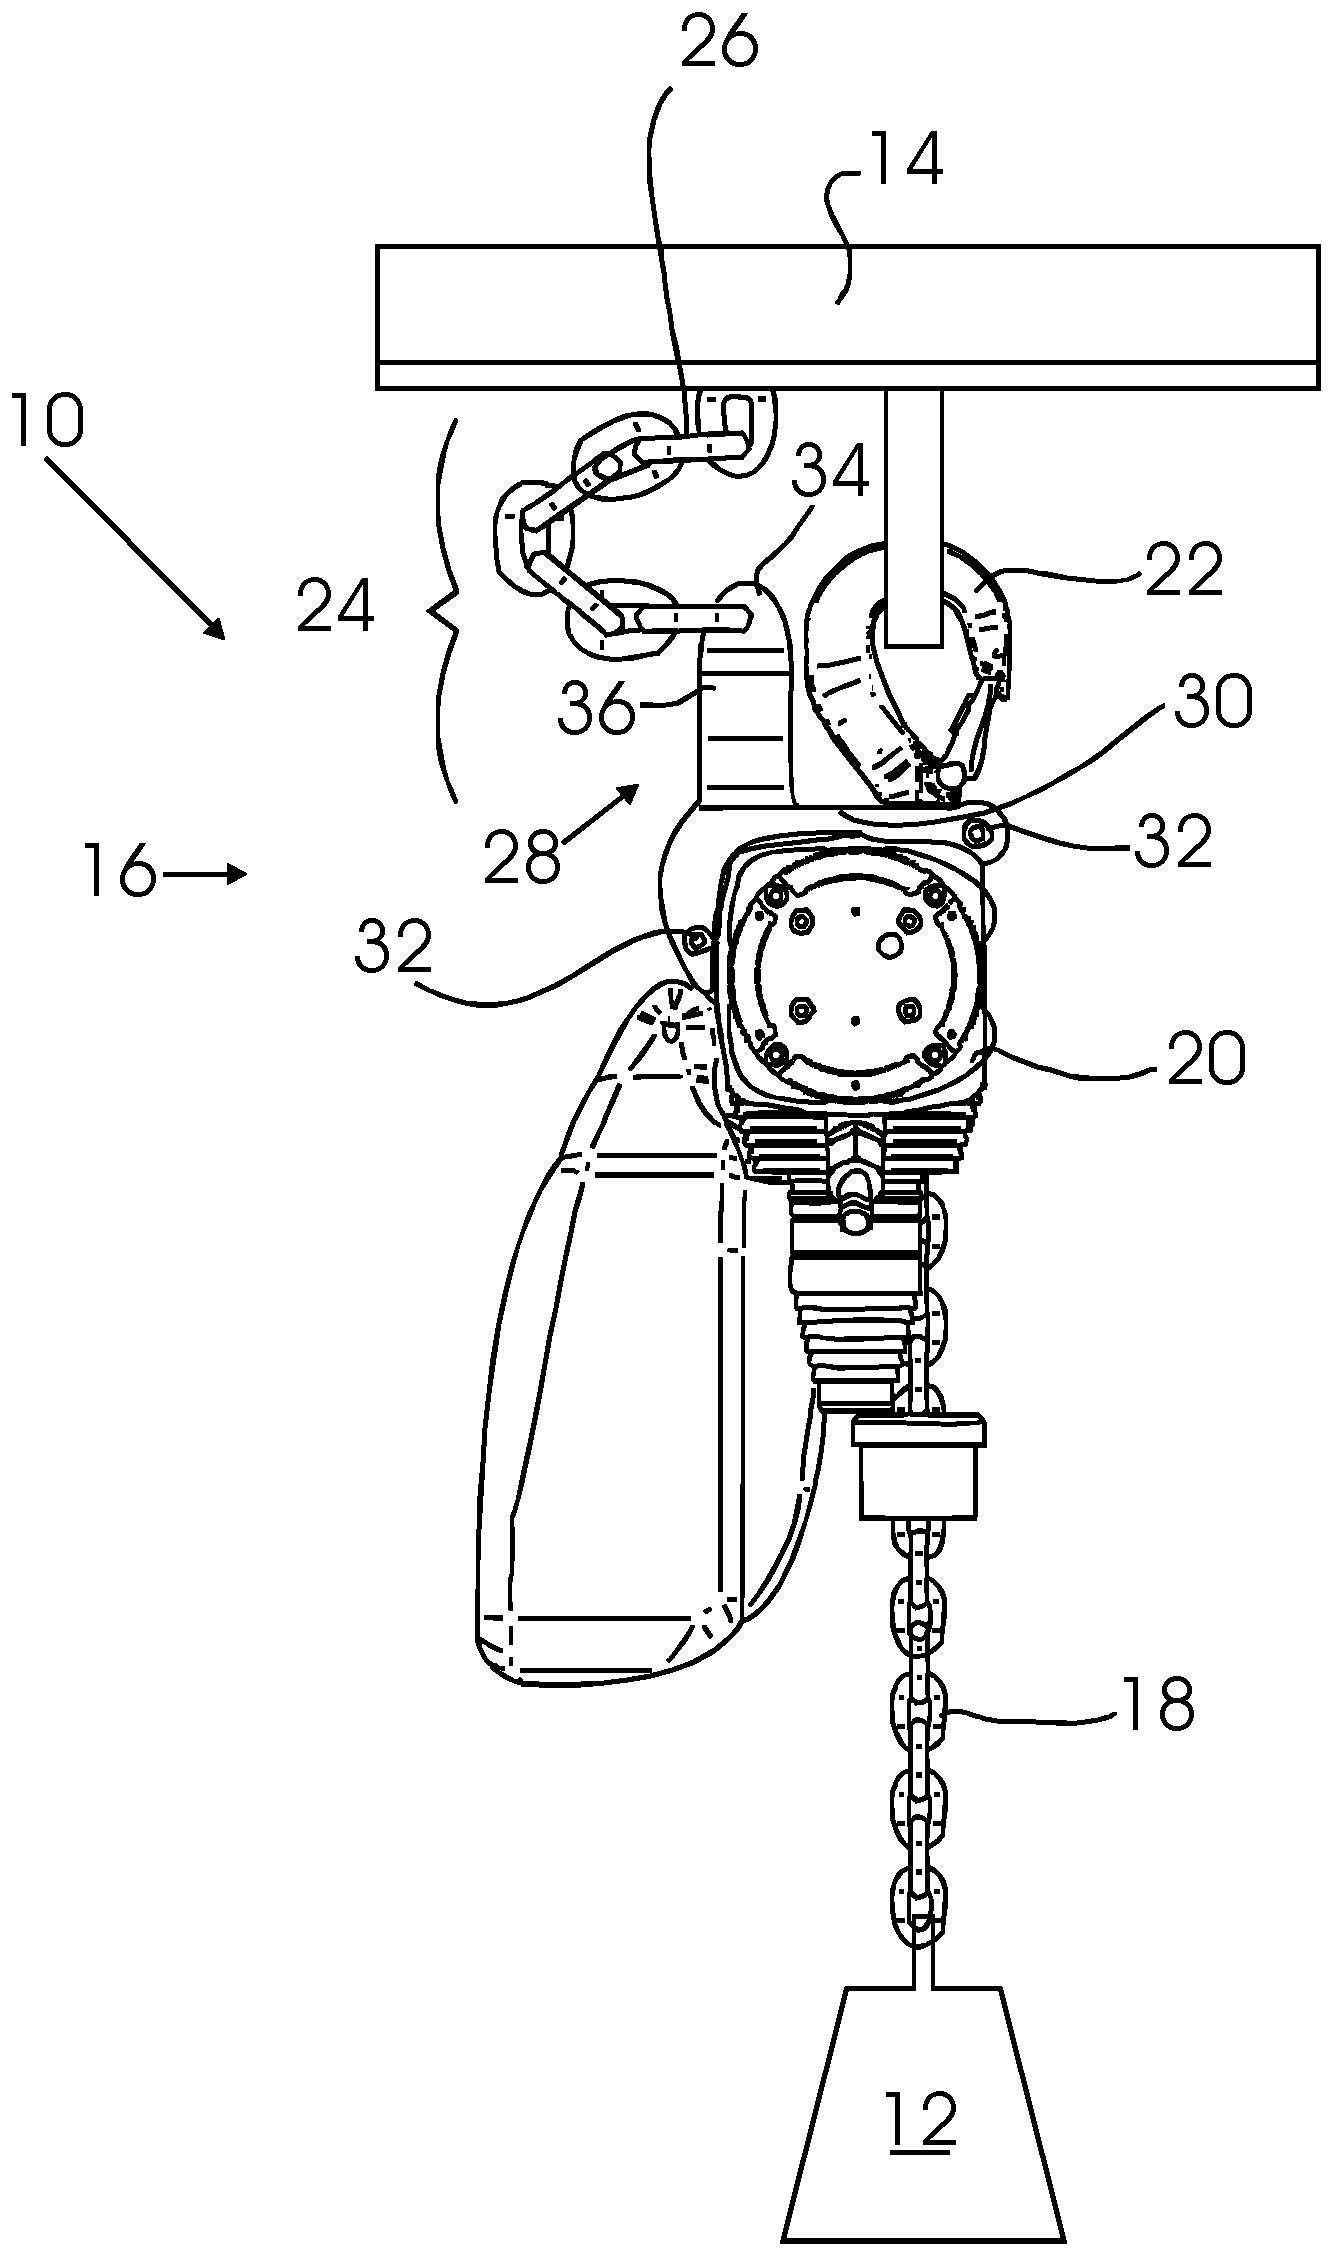 Figure DE102016122520A1_0000